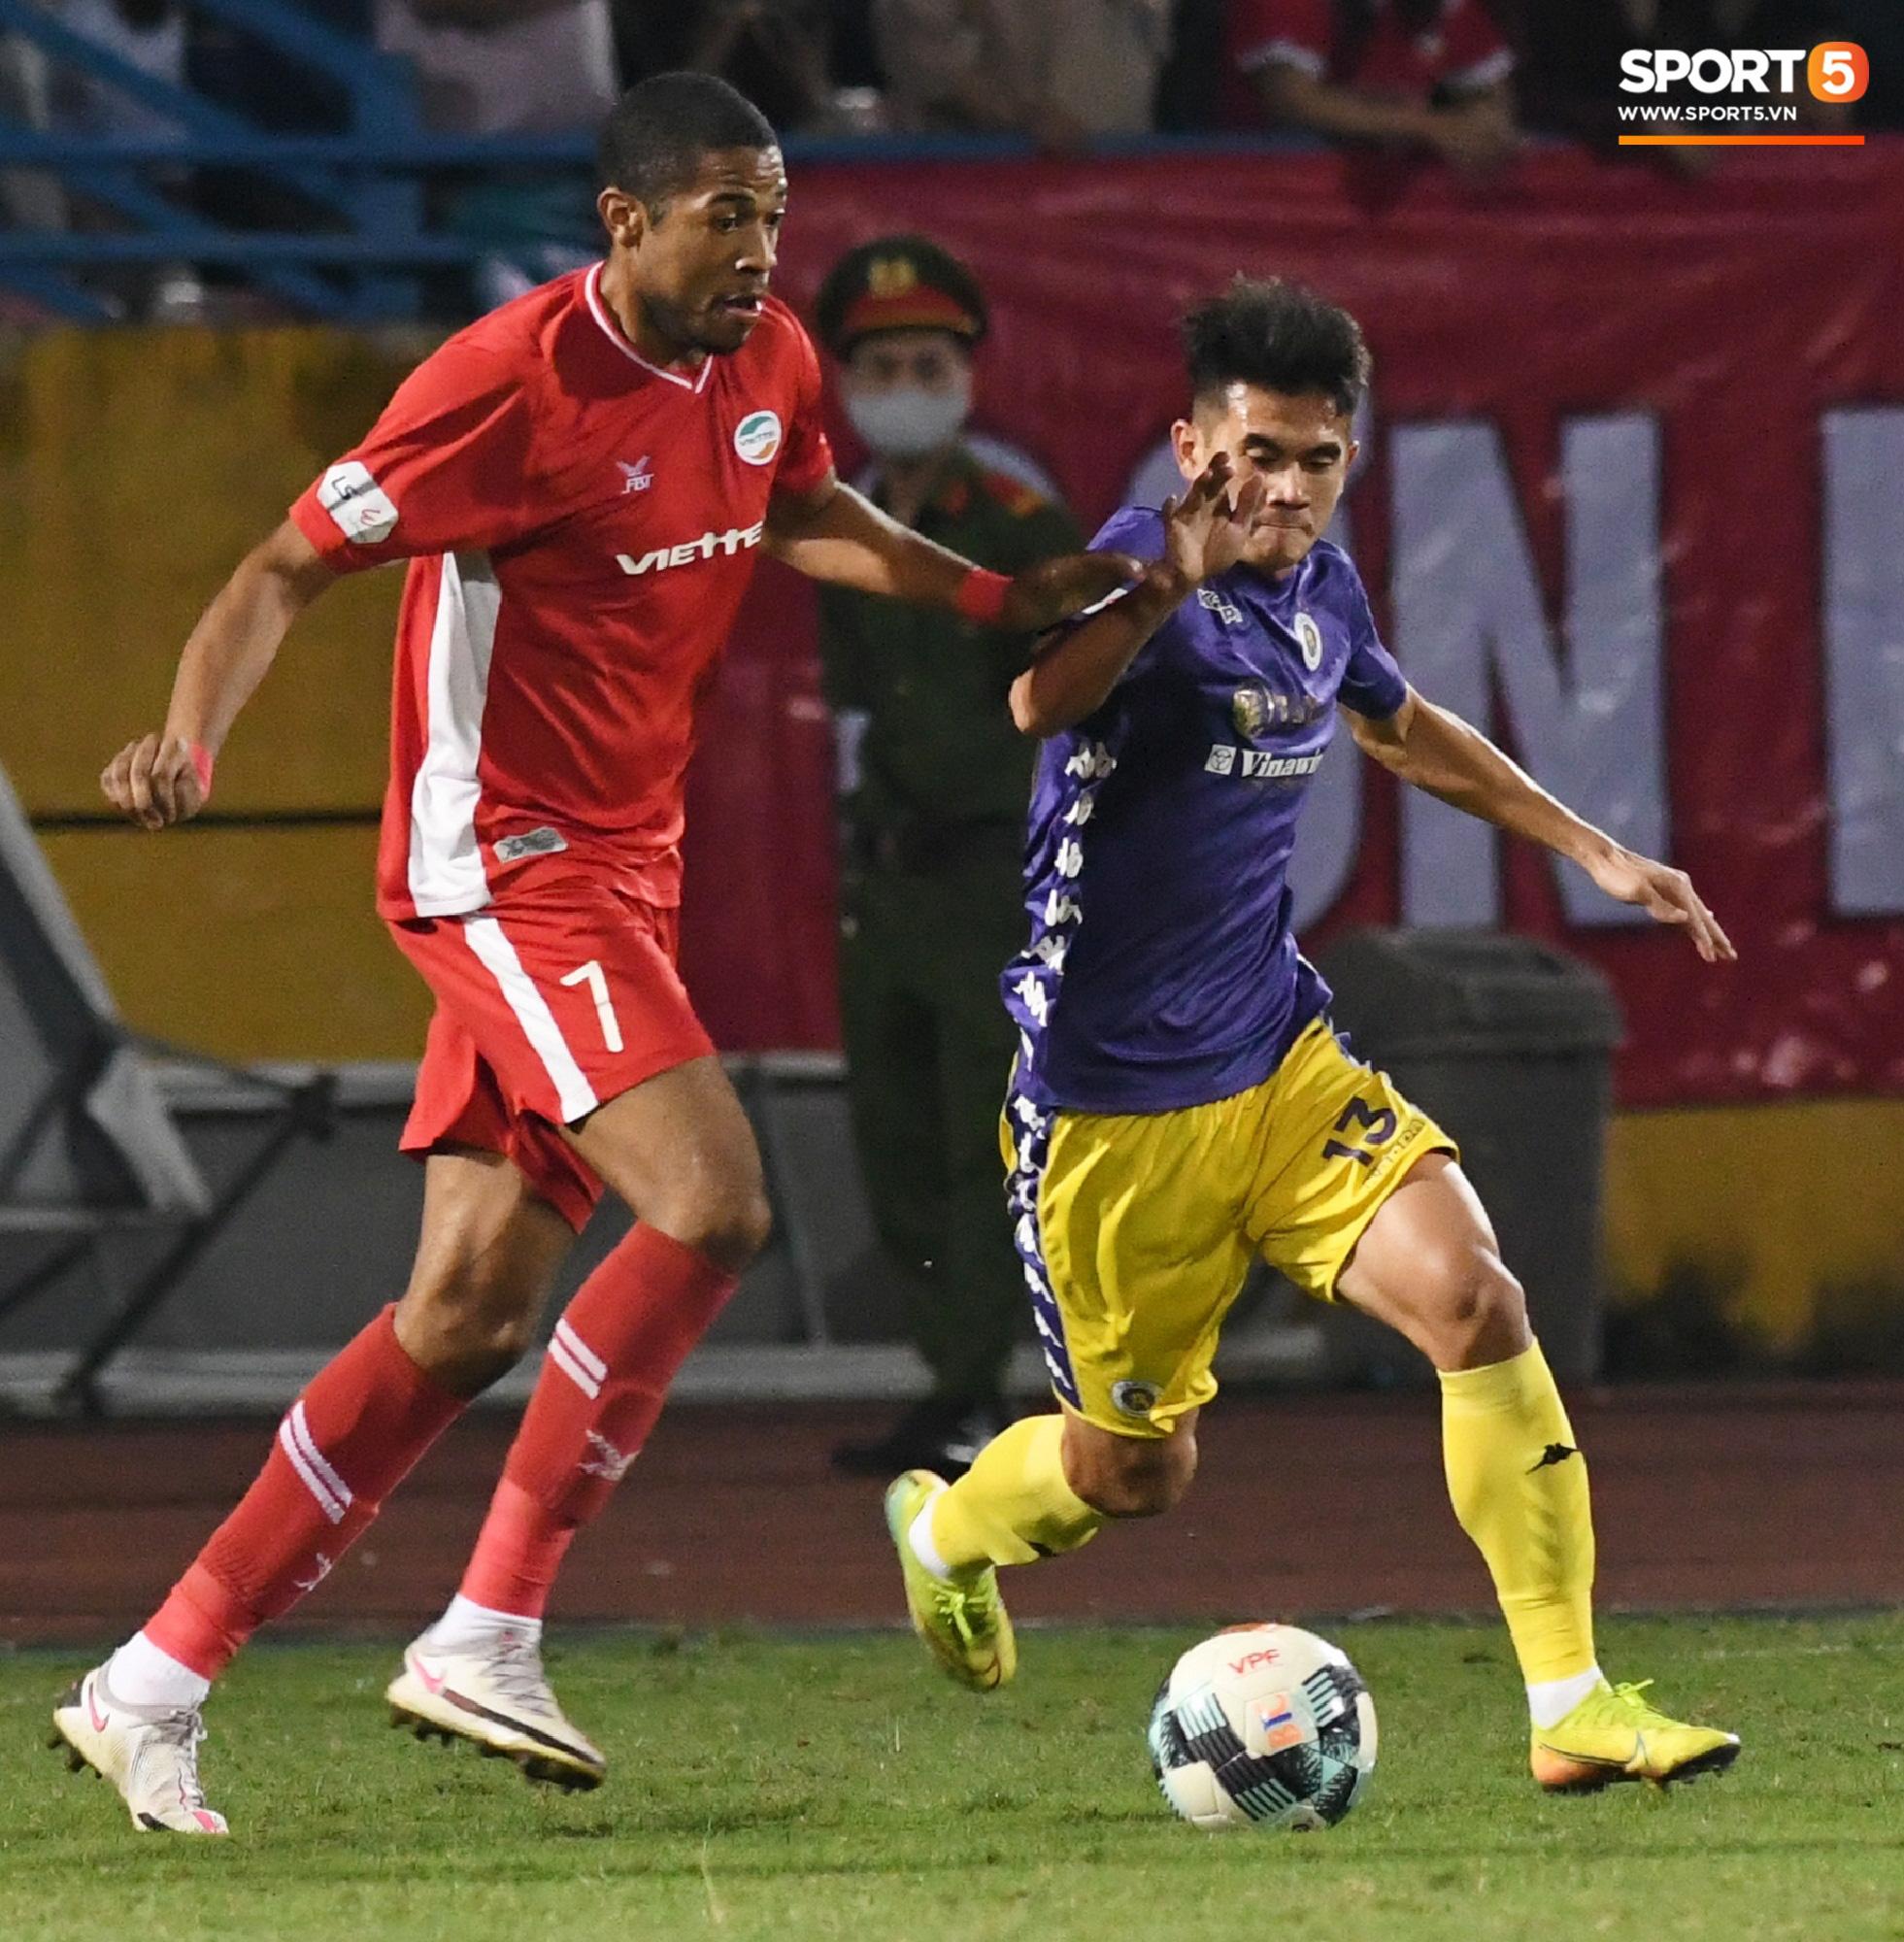 Quang Hải biểu diễn kỹ năng đỡ bóng không cần nhìn cực điệu nghệ, đi bóng khiến hàng thủ Viettel FC hỗn loạn - Ảnh 10.